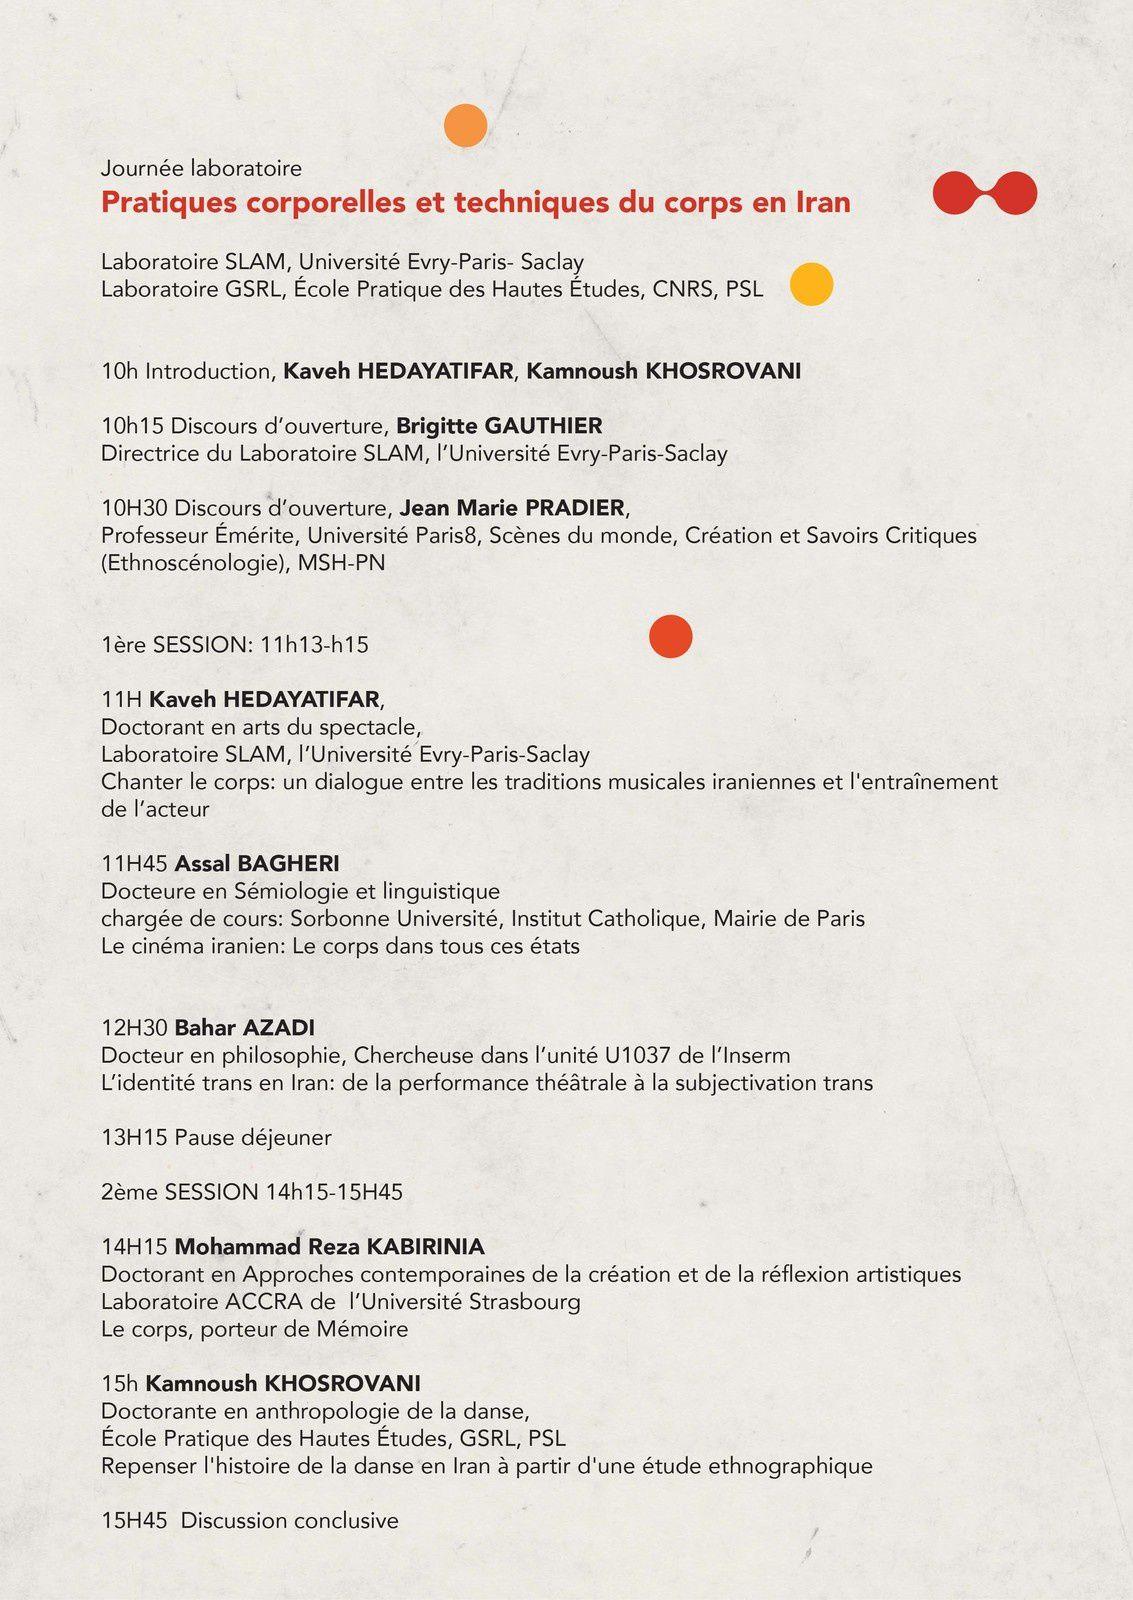 """Laboratoire Tan.Baafi a le plaisir de vous inviter à la journée laboratoire """"Pratiques corporelles et techniques du corps en Iran""""  organisée par les doctorant.e.s du laboratoire SLAM (Université Evry-Paris Saclay) et du Laboratoire GSRL (EPHE), le 19 juin 2019 du 10h au 17h à la MSH Paris Nord.   MSH Paris Nord, Salle Panoramique,  20 Avenue George Sand Aubervilliers  Métro 12 Front Populaire  Cette journée est consacrée aux travaux de recherche théorique et pratique en cours et invite à dialoguer doctorant.e.s, chercheur.e.s et praticien.ne.s autour de cette thématique.  Vous trouverez en pièce-jointe le programme et l'argumentaire détaillé. N'hésitez pas à transmettre l'information à toutes les personnes susceptibles de s'y intéresser."""